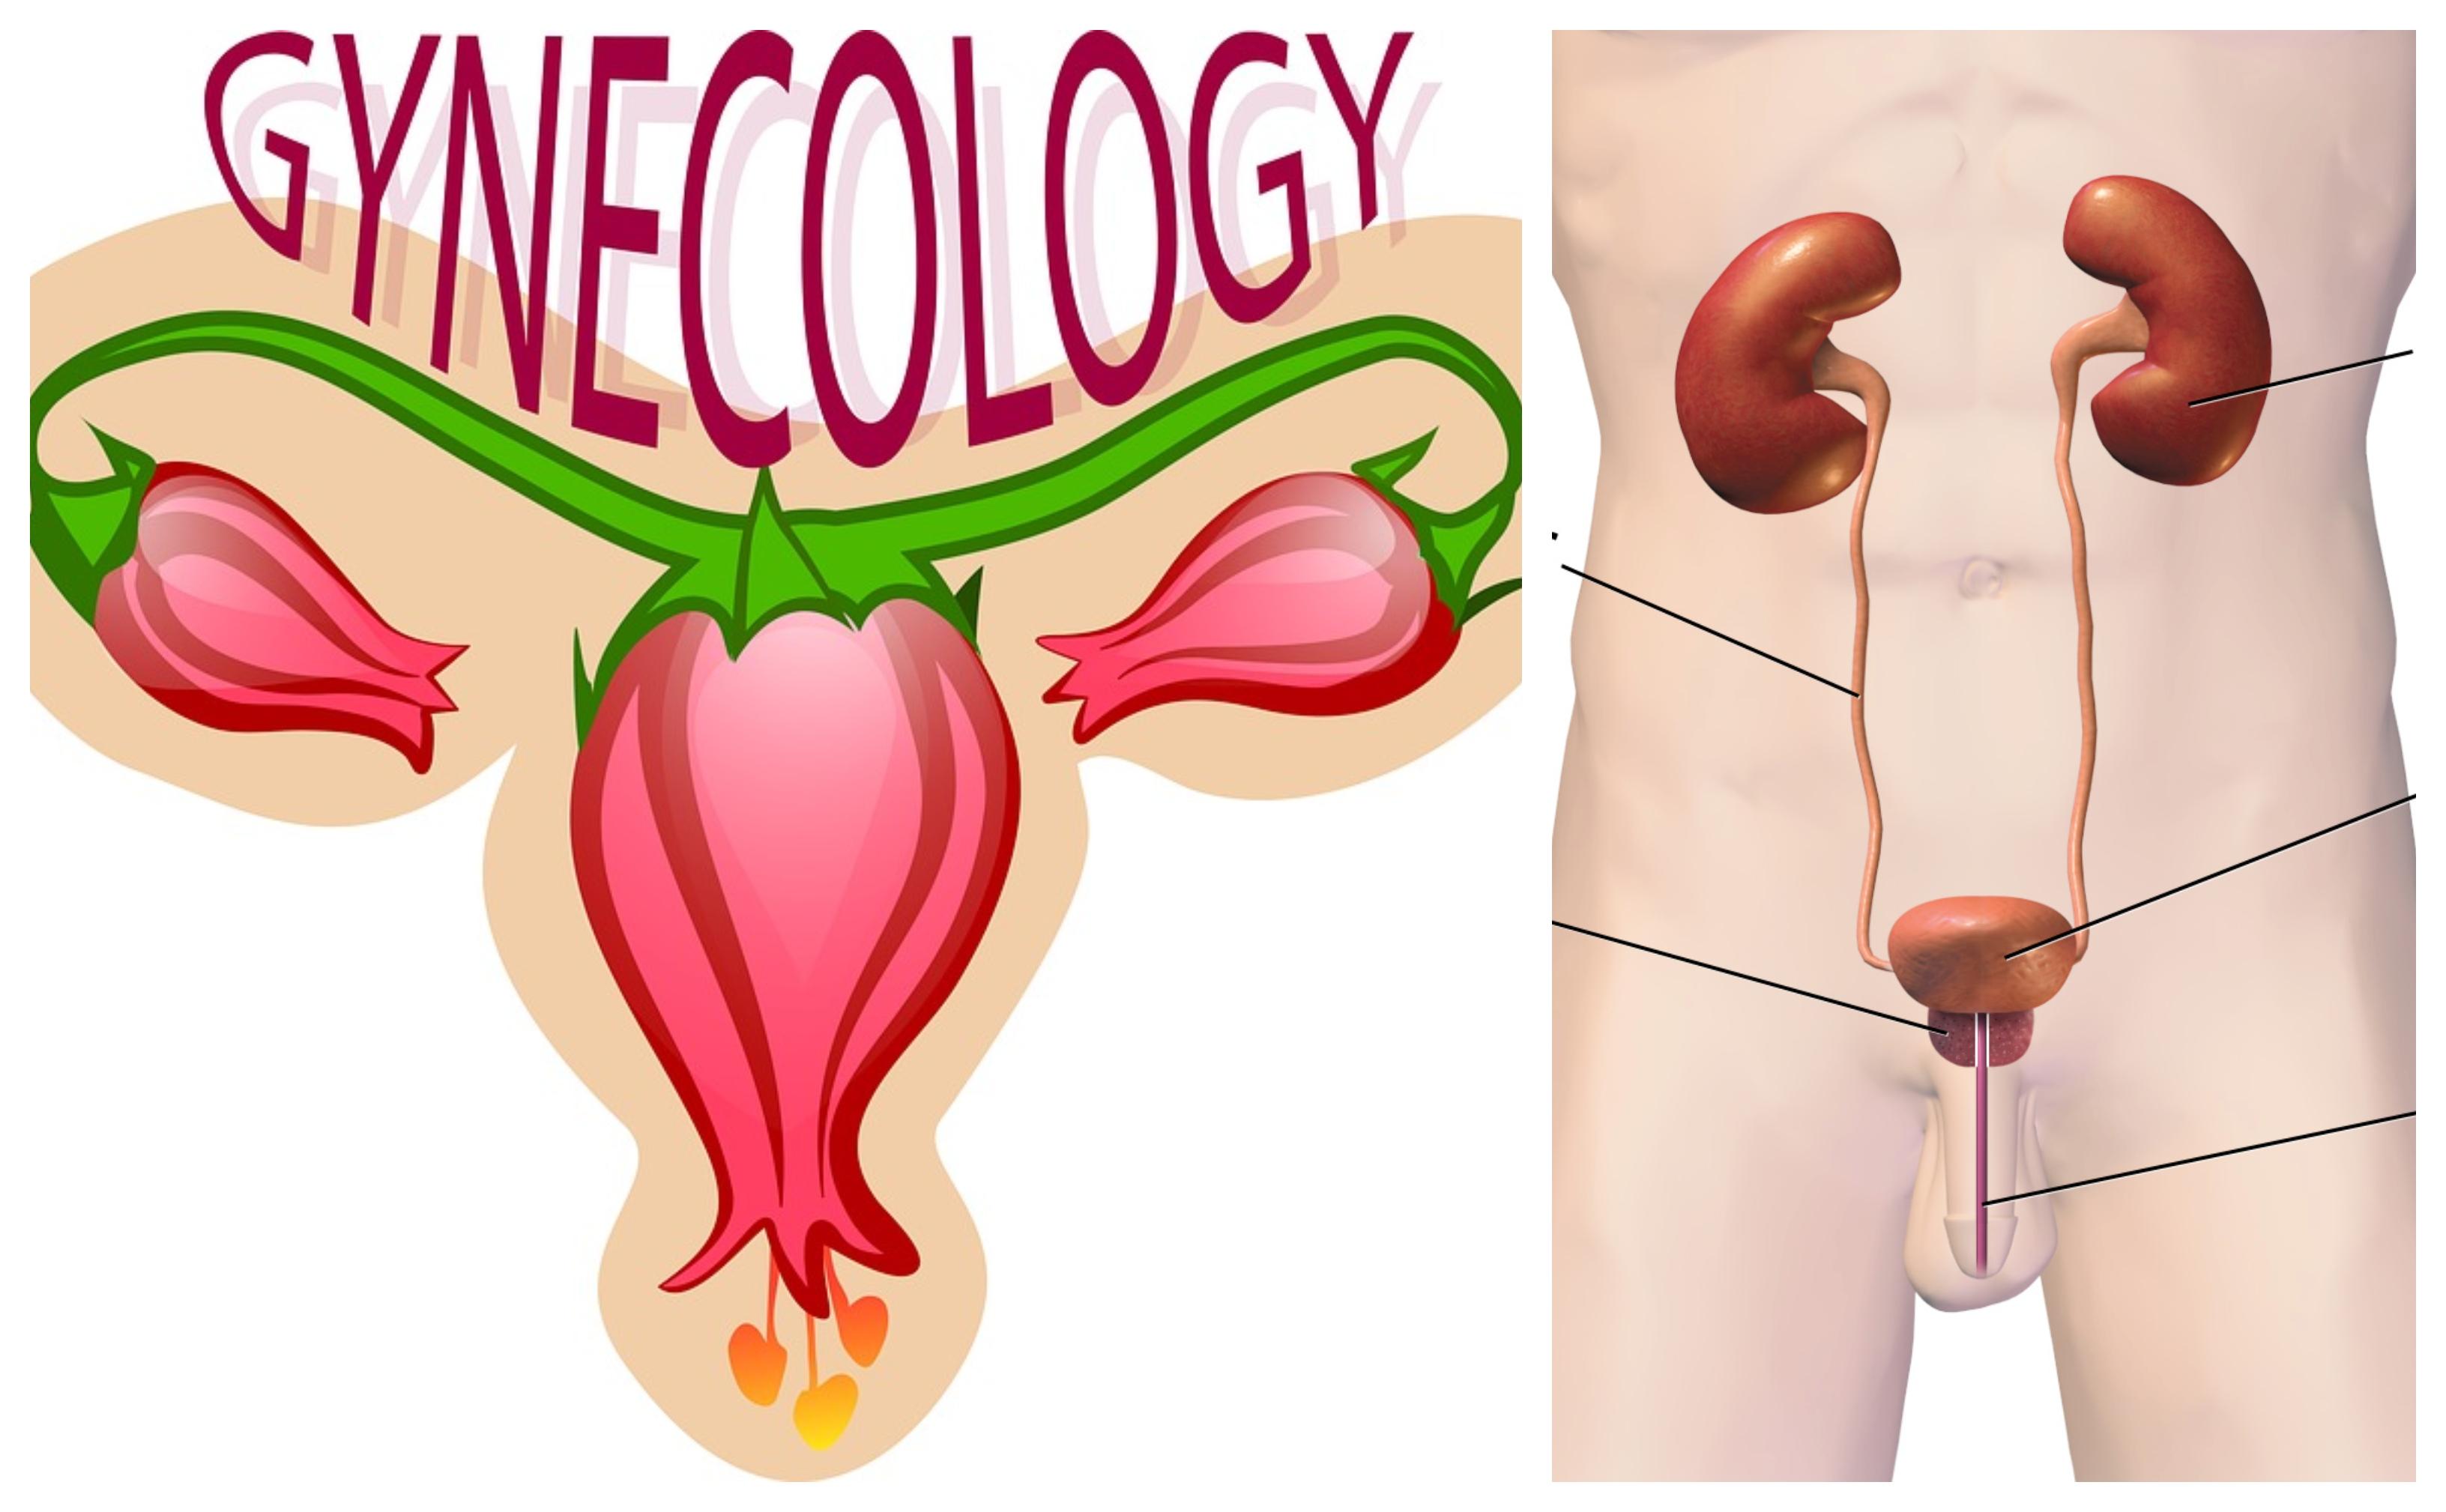 Gynecology/ Nephrology/ Urology/ Proctology